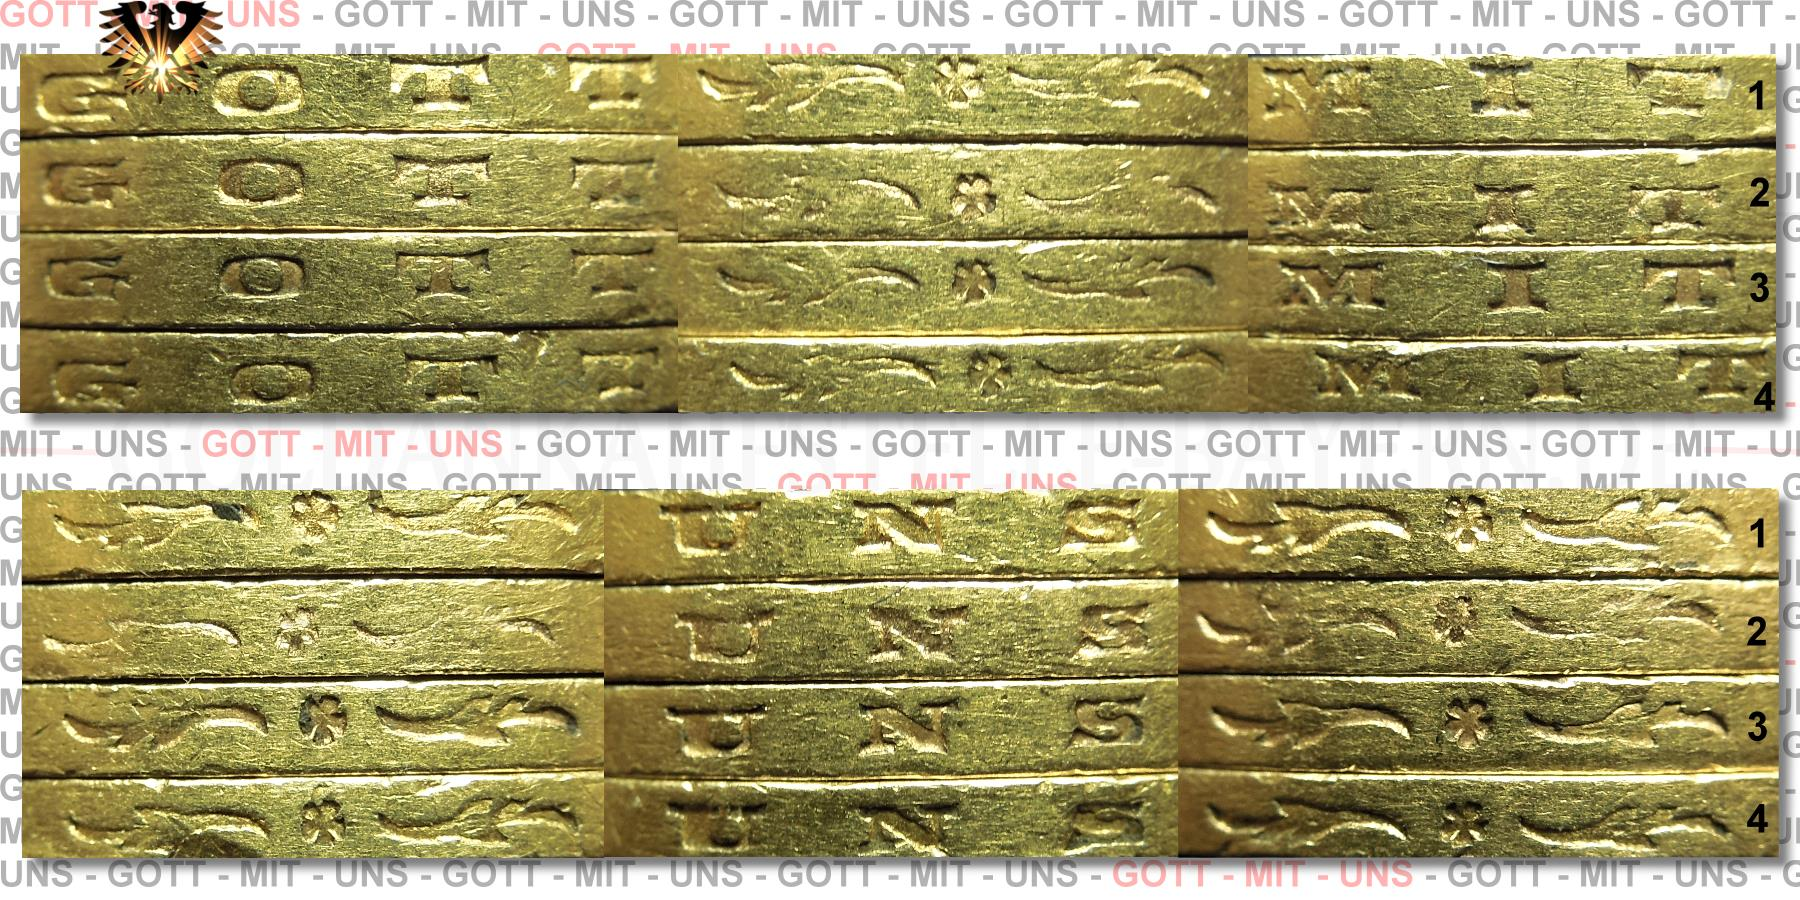 Vergleichsansicht der Randschrift von 20 Goldmark Kaiserreich Münzen aus Preussen, zur Erkennung der Echtheit.